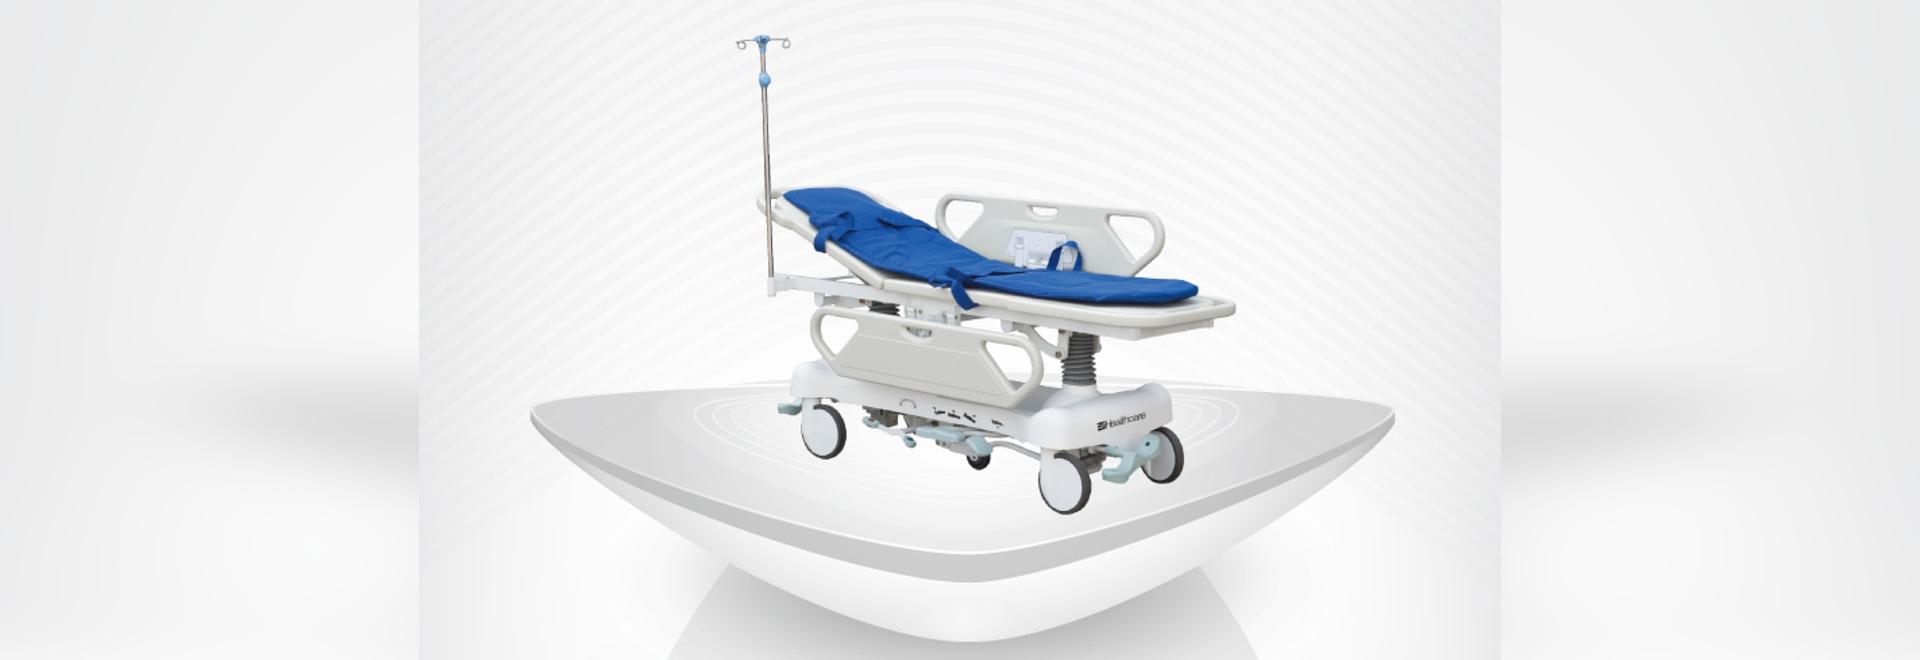 2016 nouvelles civières médicales de Hydaulic d'hôpital/Etats-Unis pompent/sping de chariots/gaz à transport/taille adjuestable/CPR